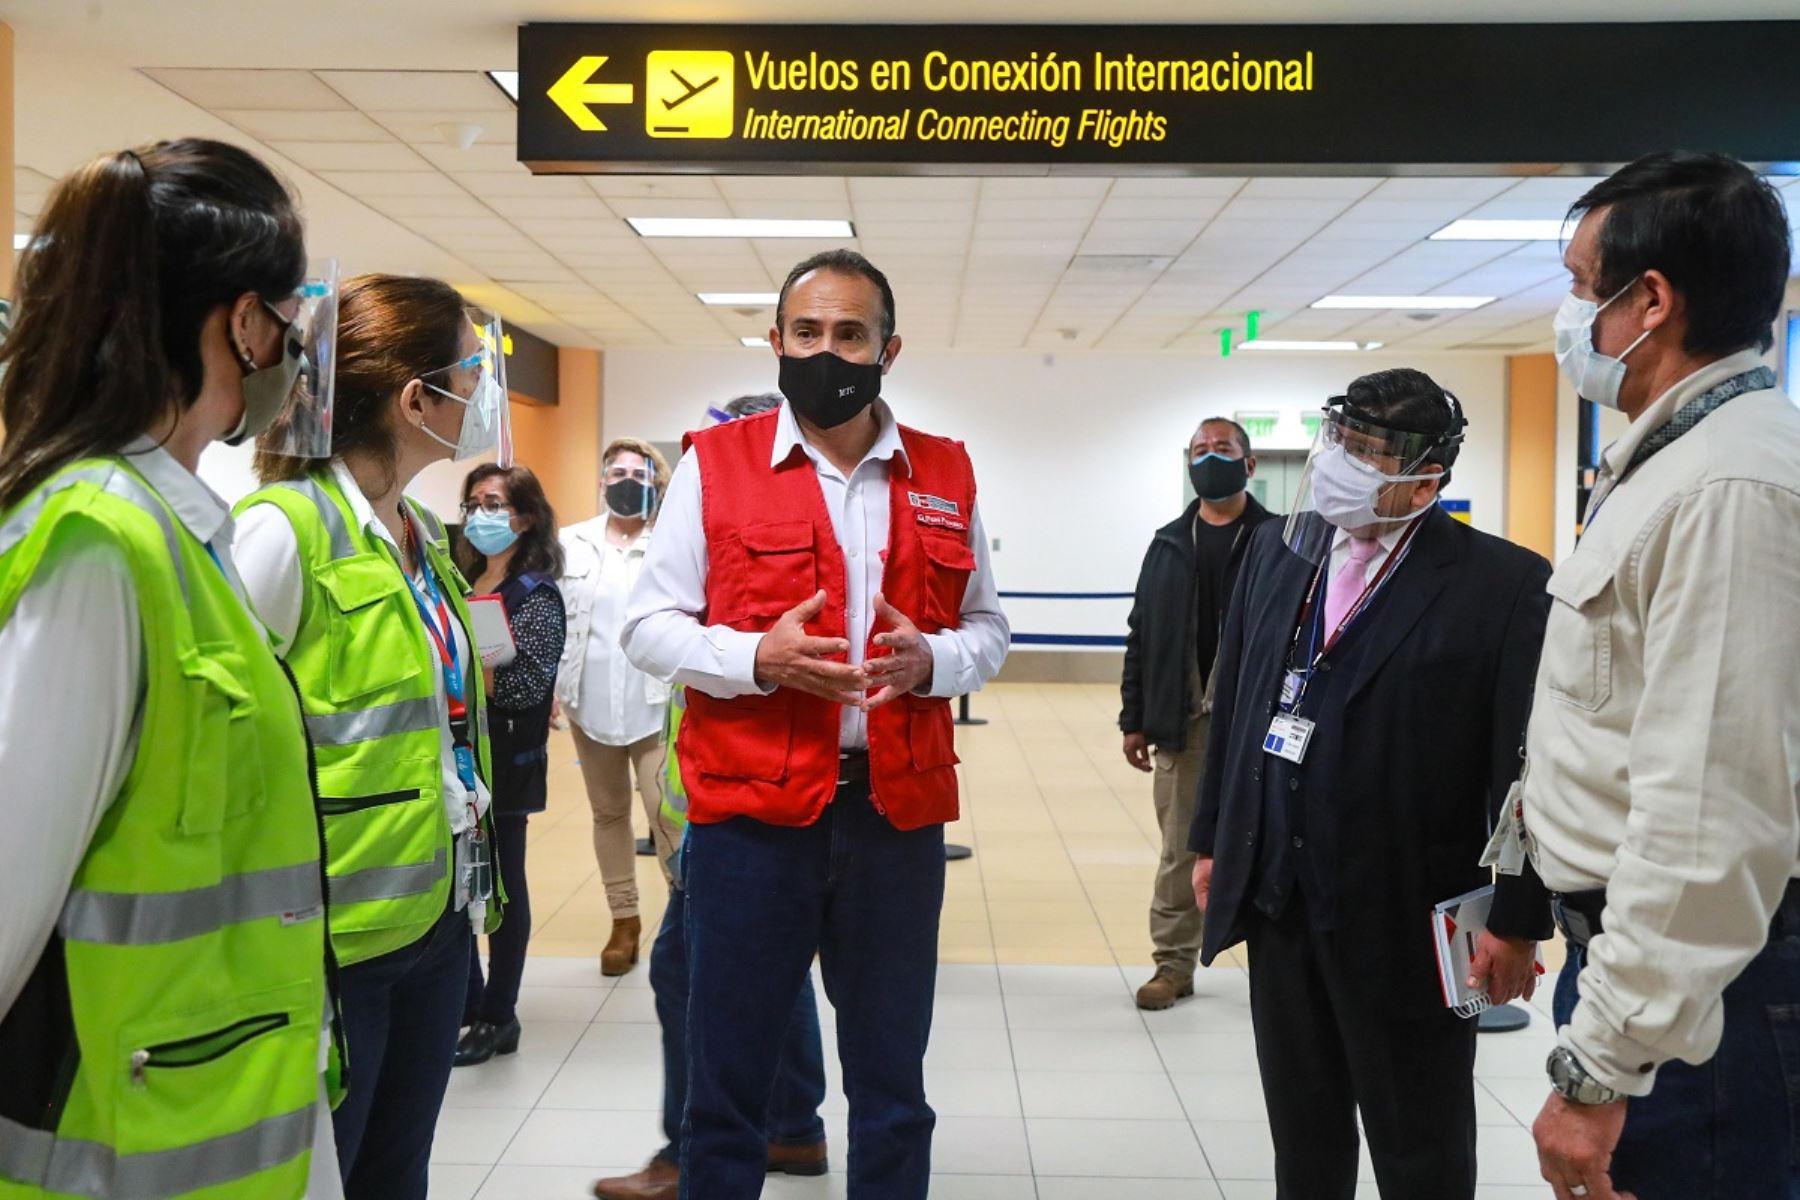 Ministro de Transportes y Comunicaciones, Carlos Estremadoyro (al centro) supervisa medidas sanitarias en el aeropuerto internacional Jorge Chávez.  Foto: Cortesía.